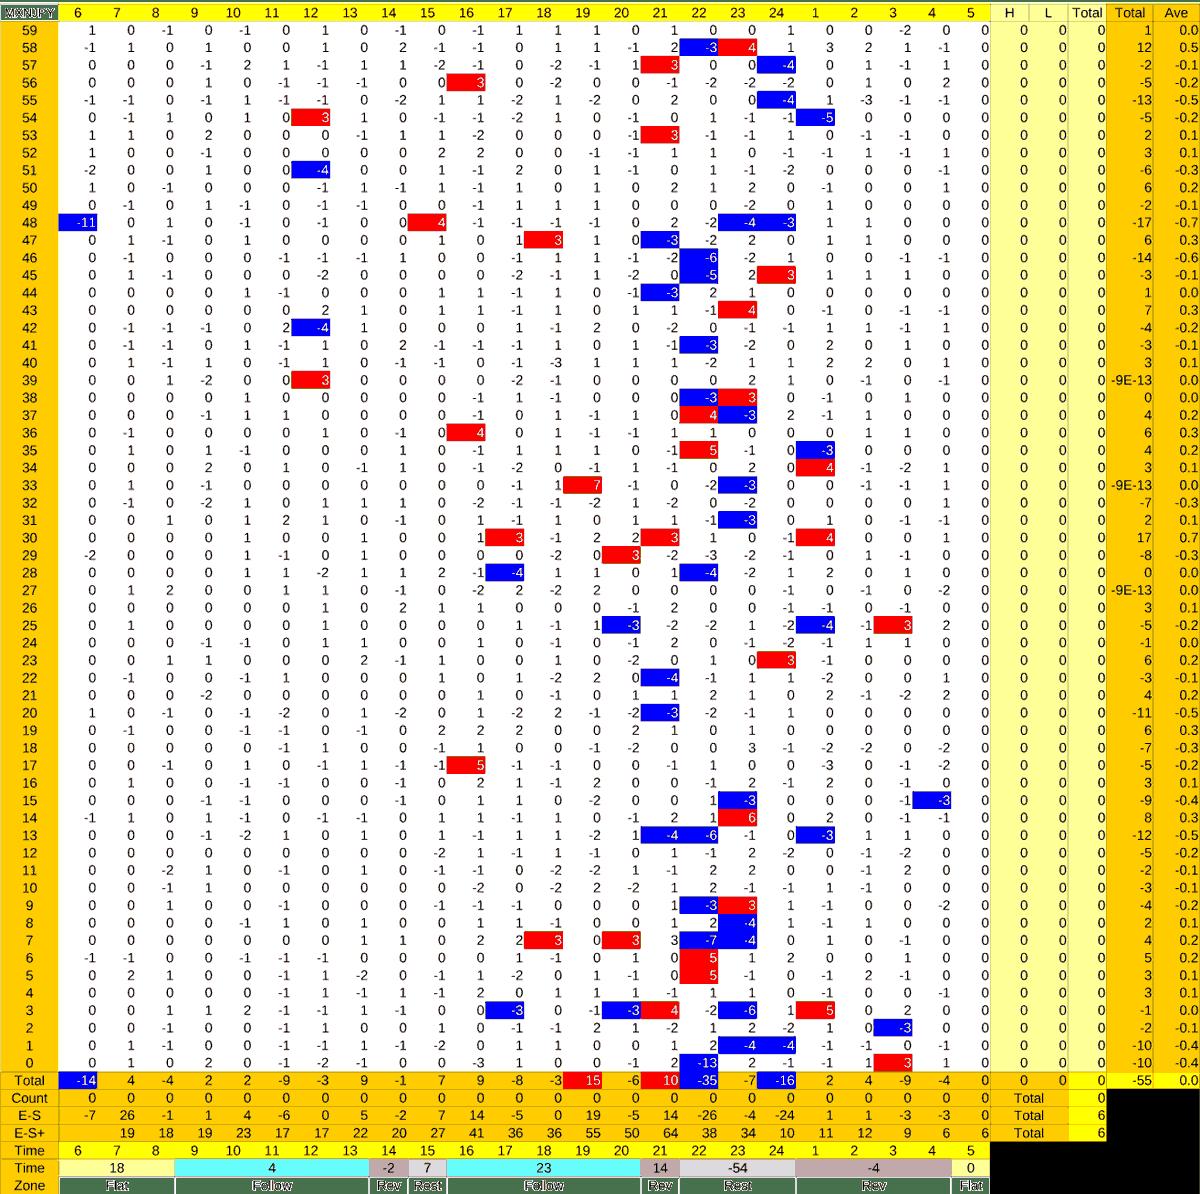 20210319_HS(3)MXNJPY-min